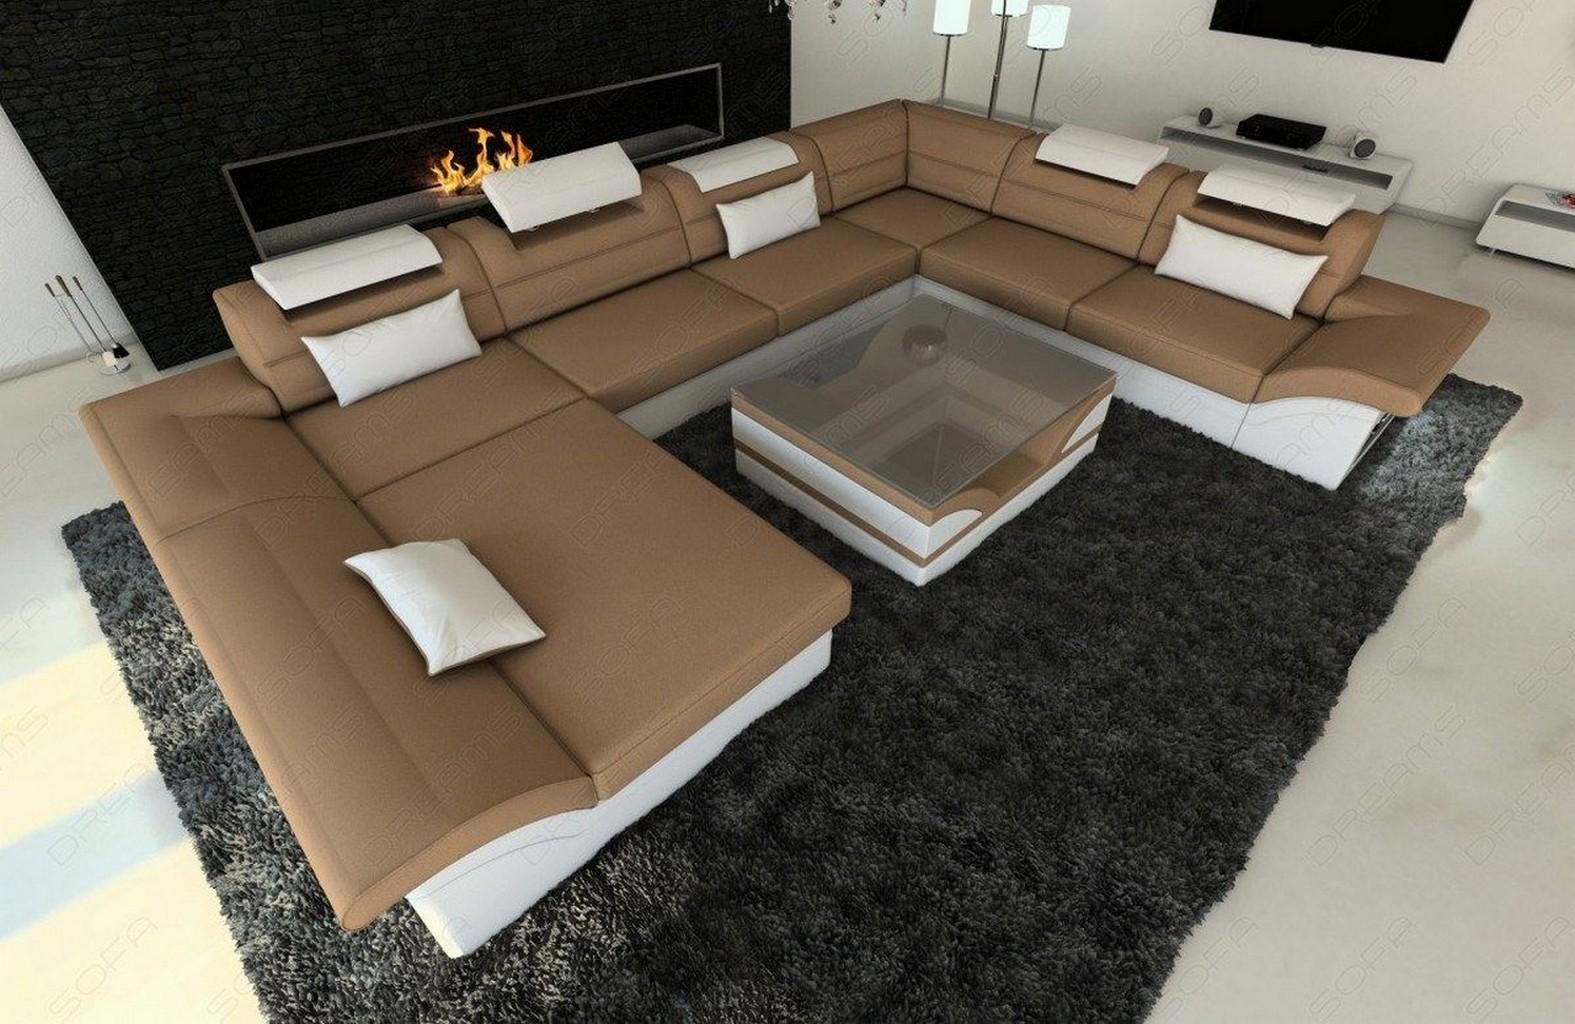 Stoffcouch big sofa xxl design wohnlandschaft couchgarnitur enzo led beleuchtung ebay - Couchgarnitur xxl ...